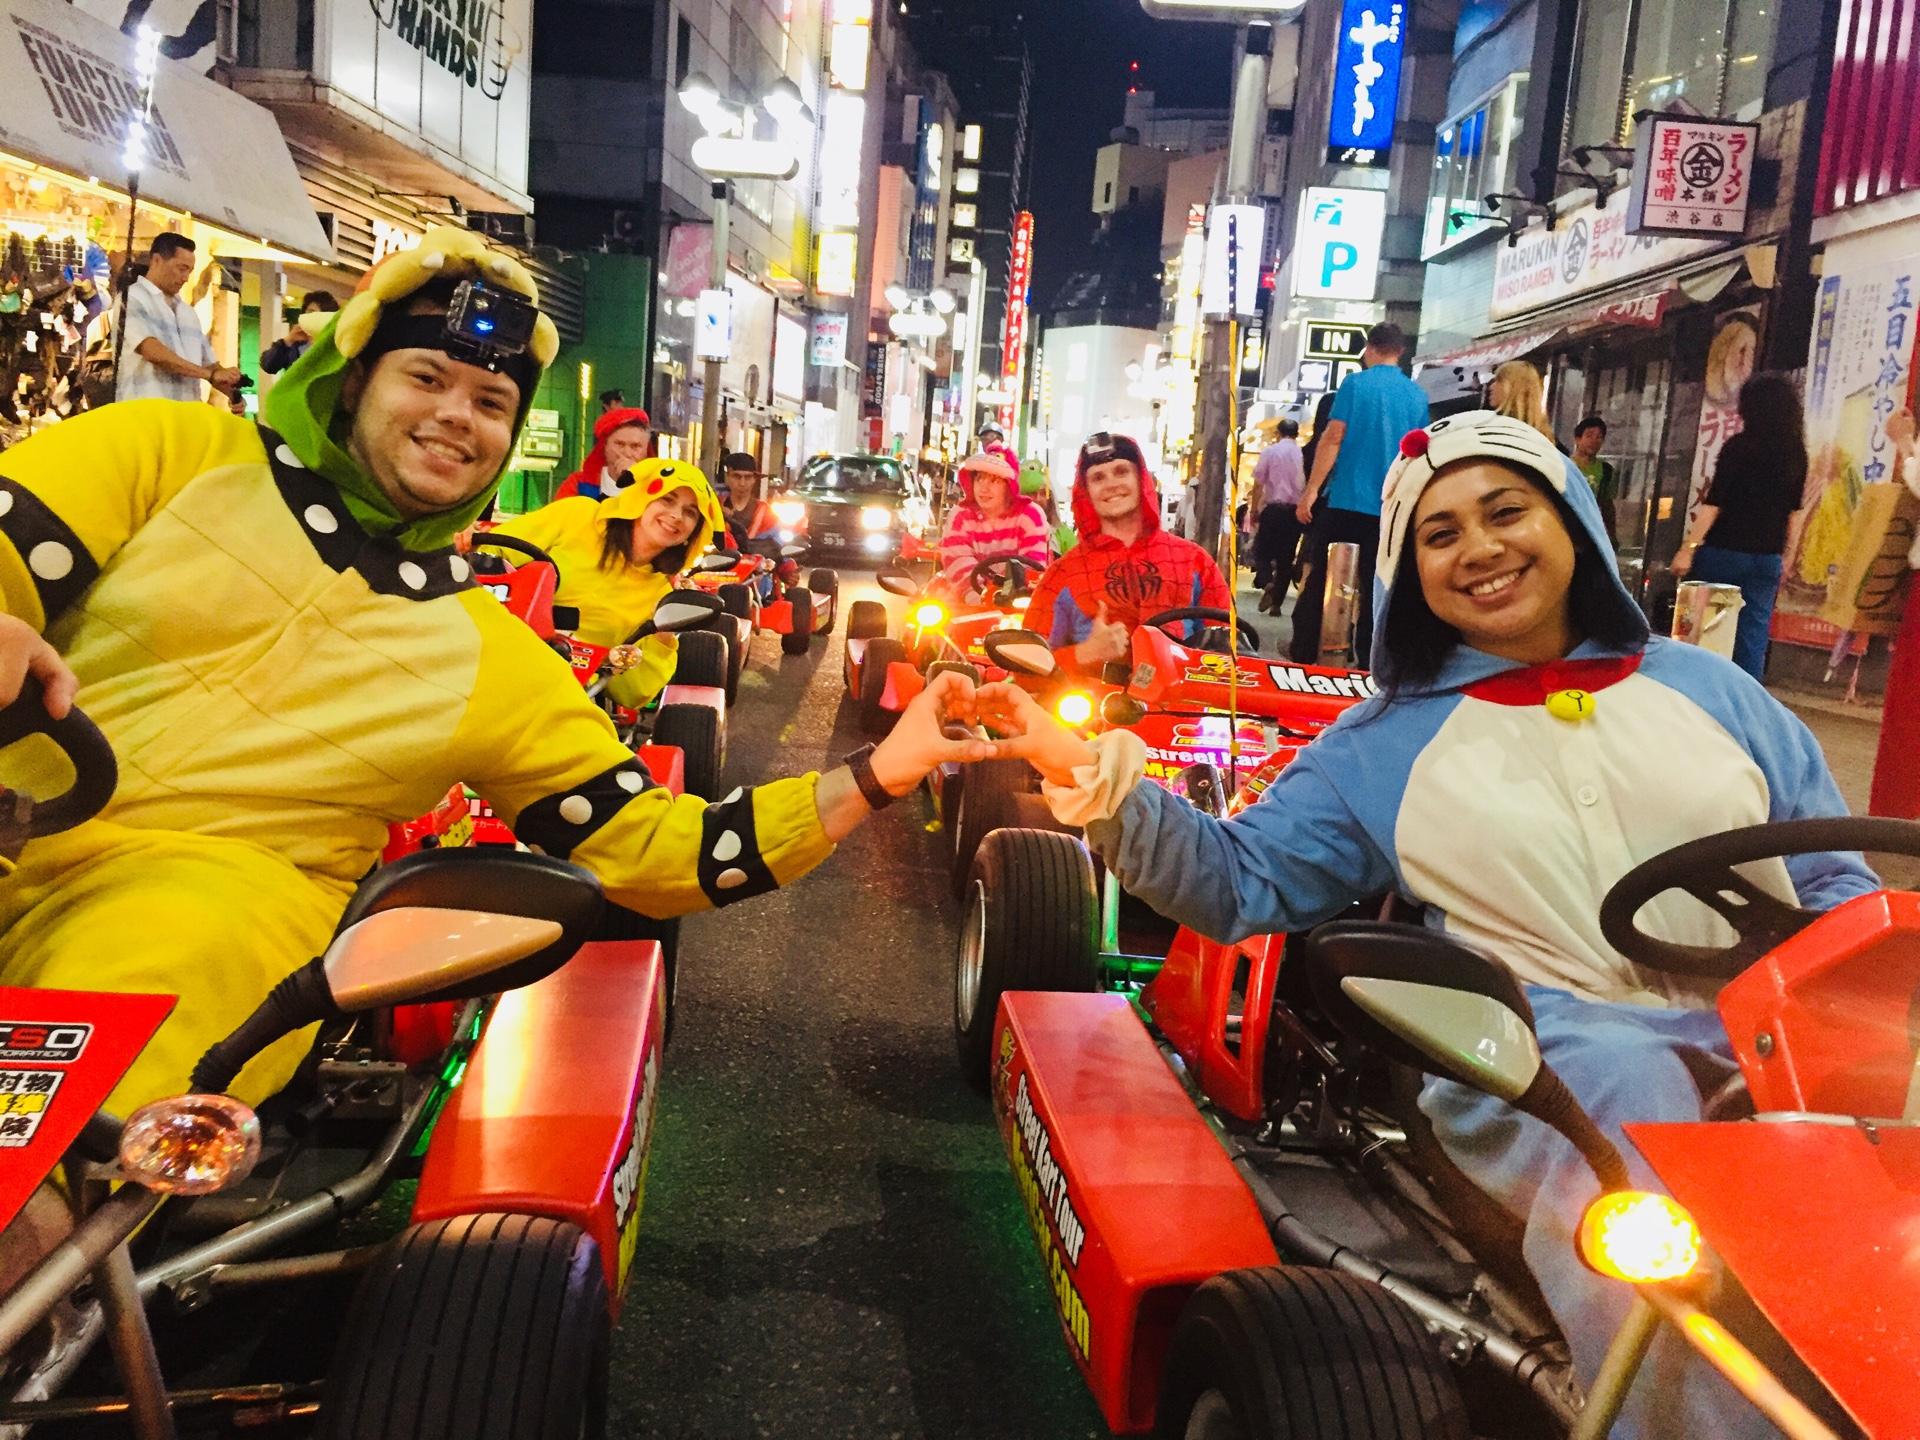 일본 마리카 카트 (도쿄, 오사카, 오키나와)